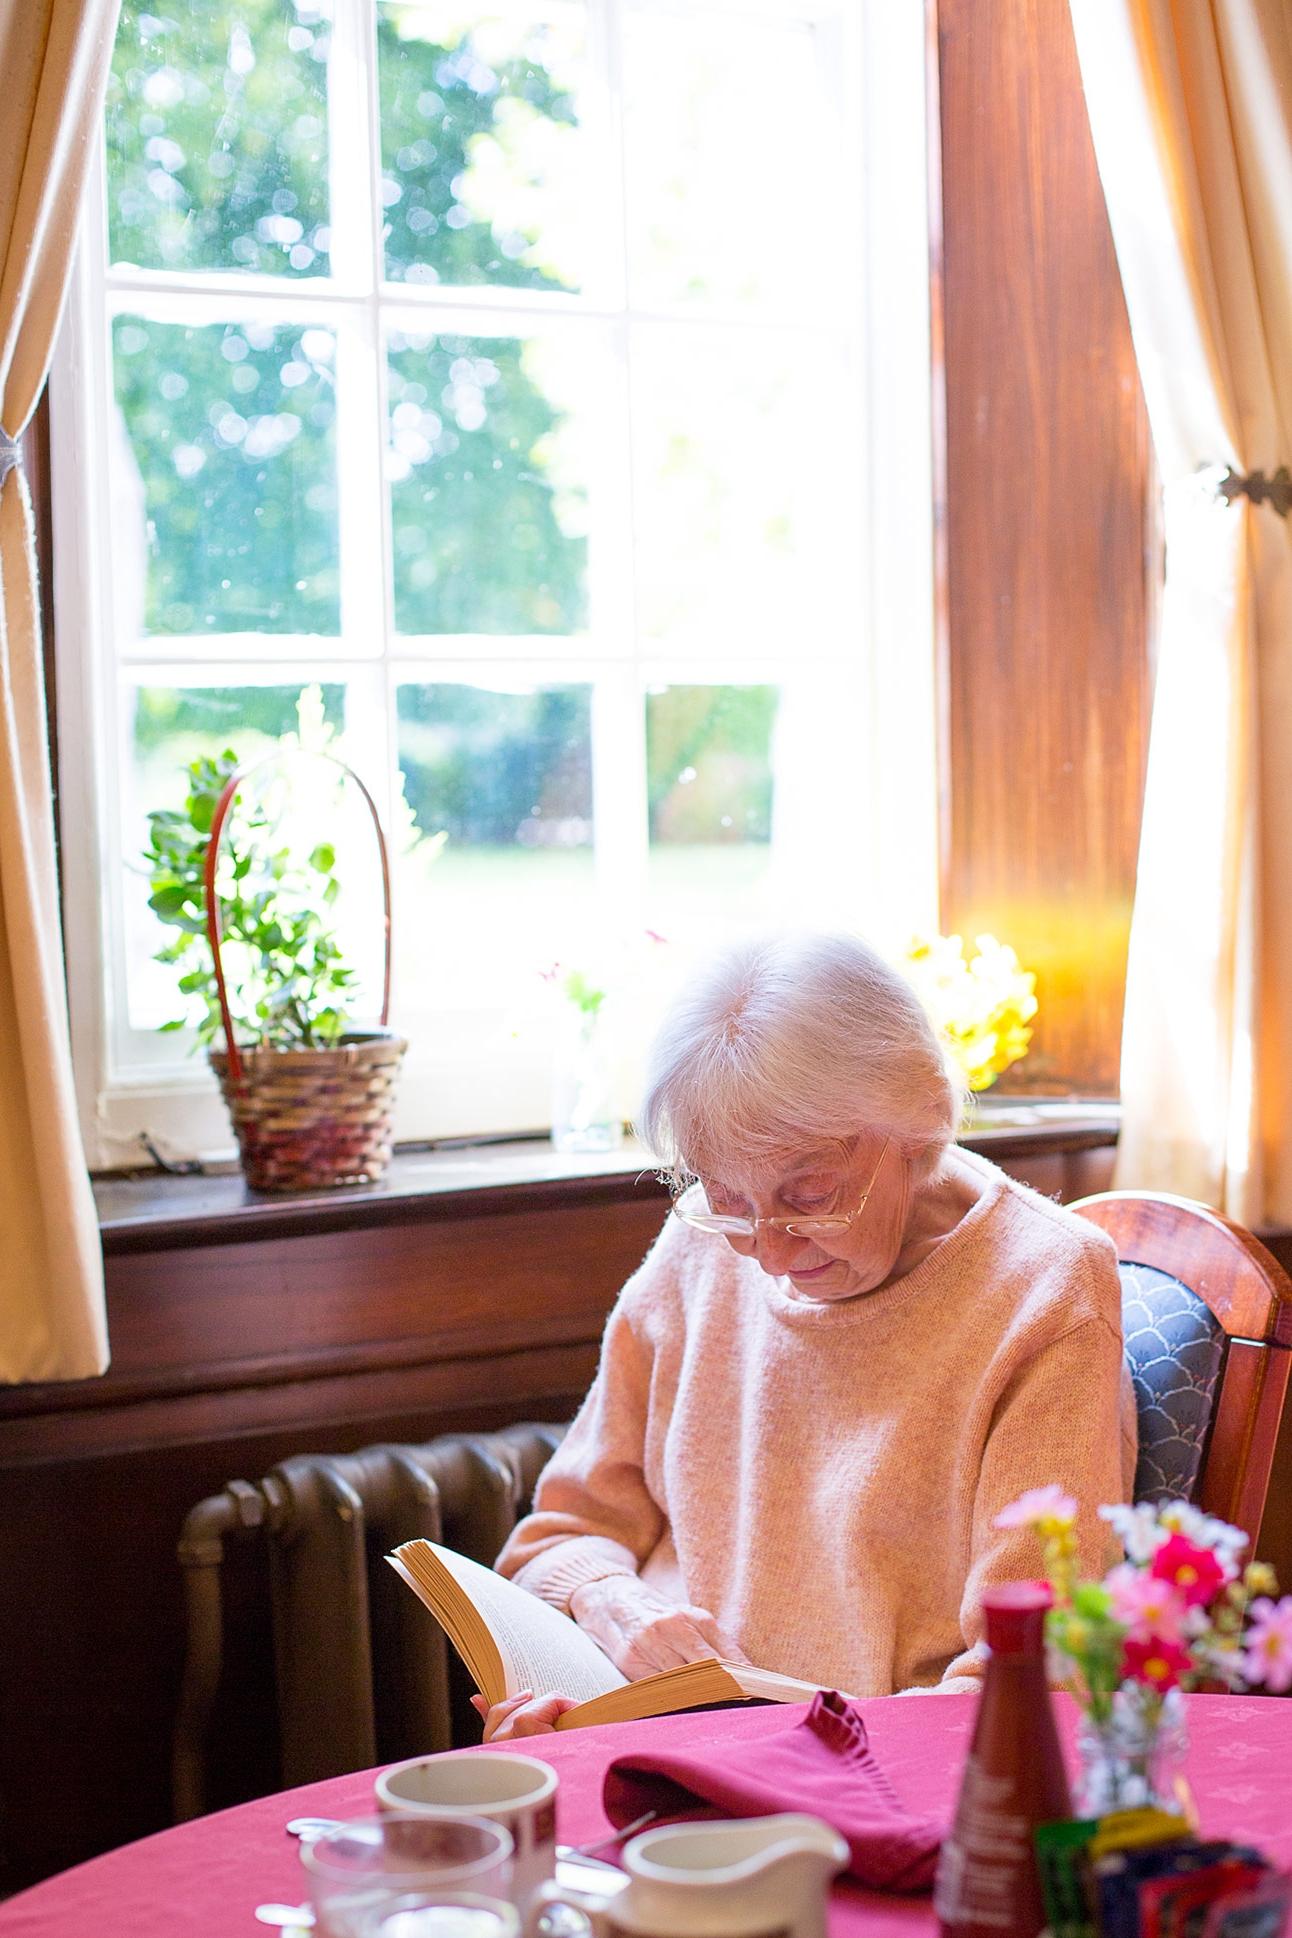 Holywell_Park_Nursing_Home_Sevenoaks_People_001_0434.jpg